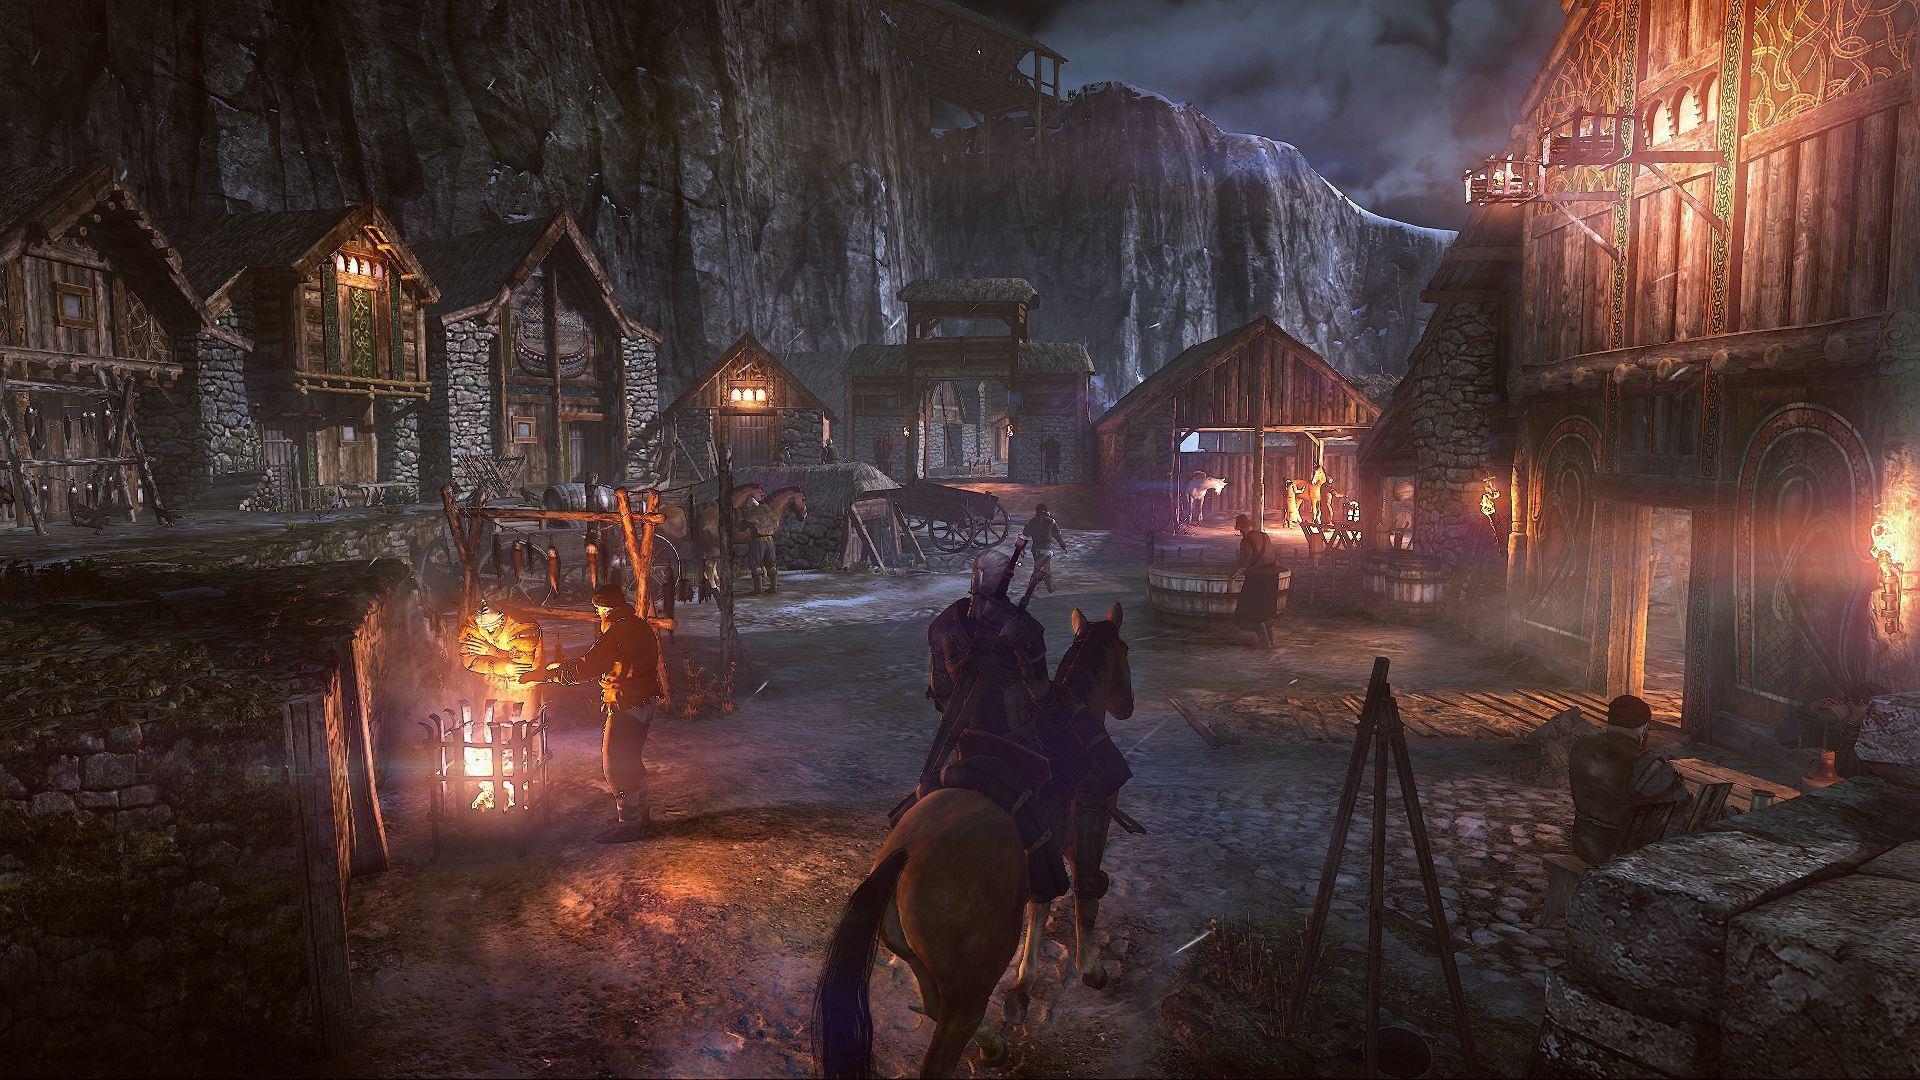 Ремастер The Witcher 3 может выйти в ближайшее время